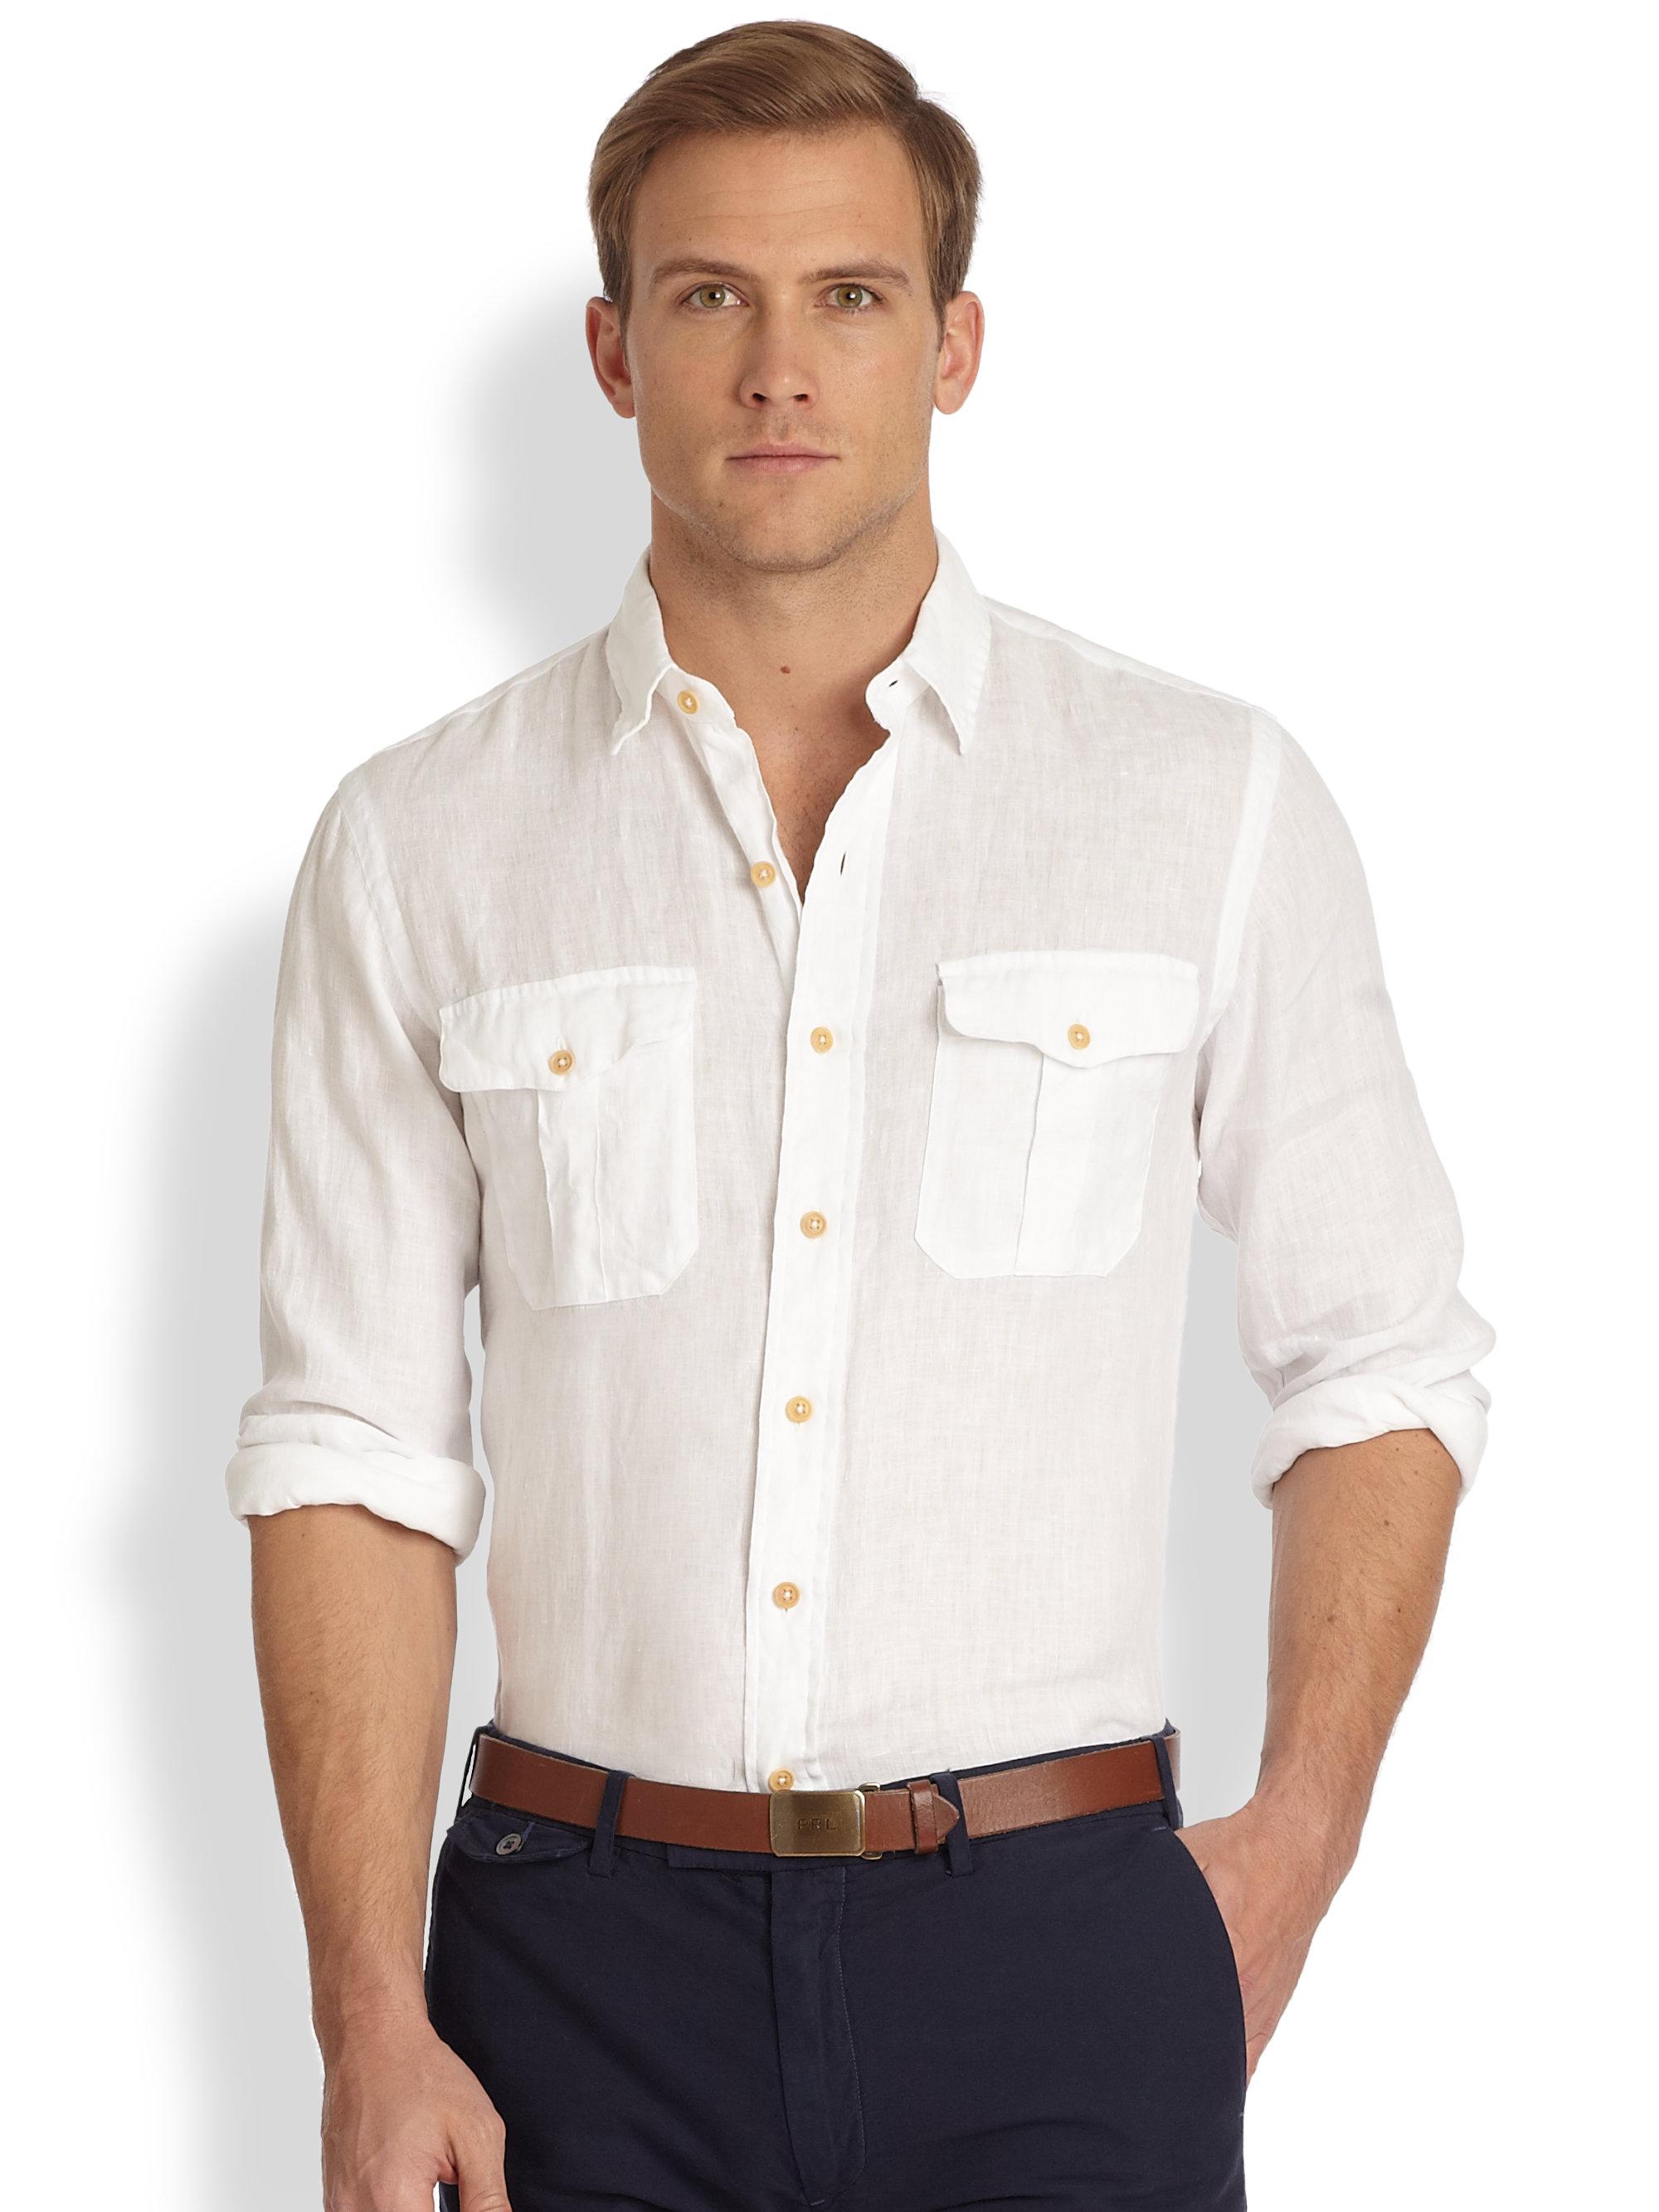 8c5489e261500 inexpensive lyst polo ralph lauren linen military workshirt in white for men  7912f 26363